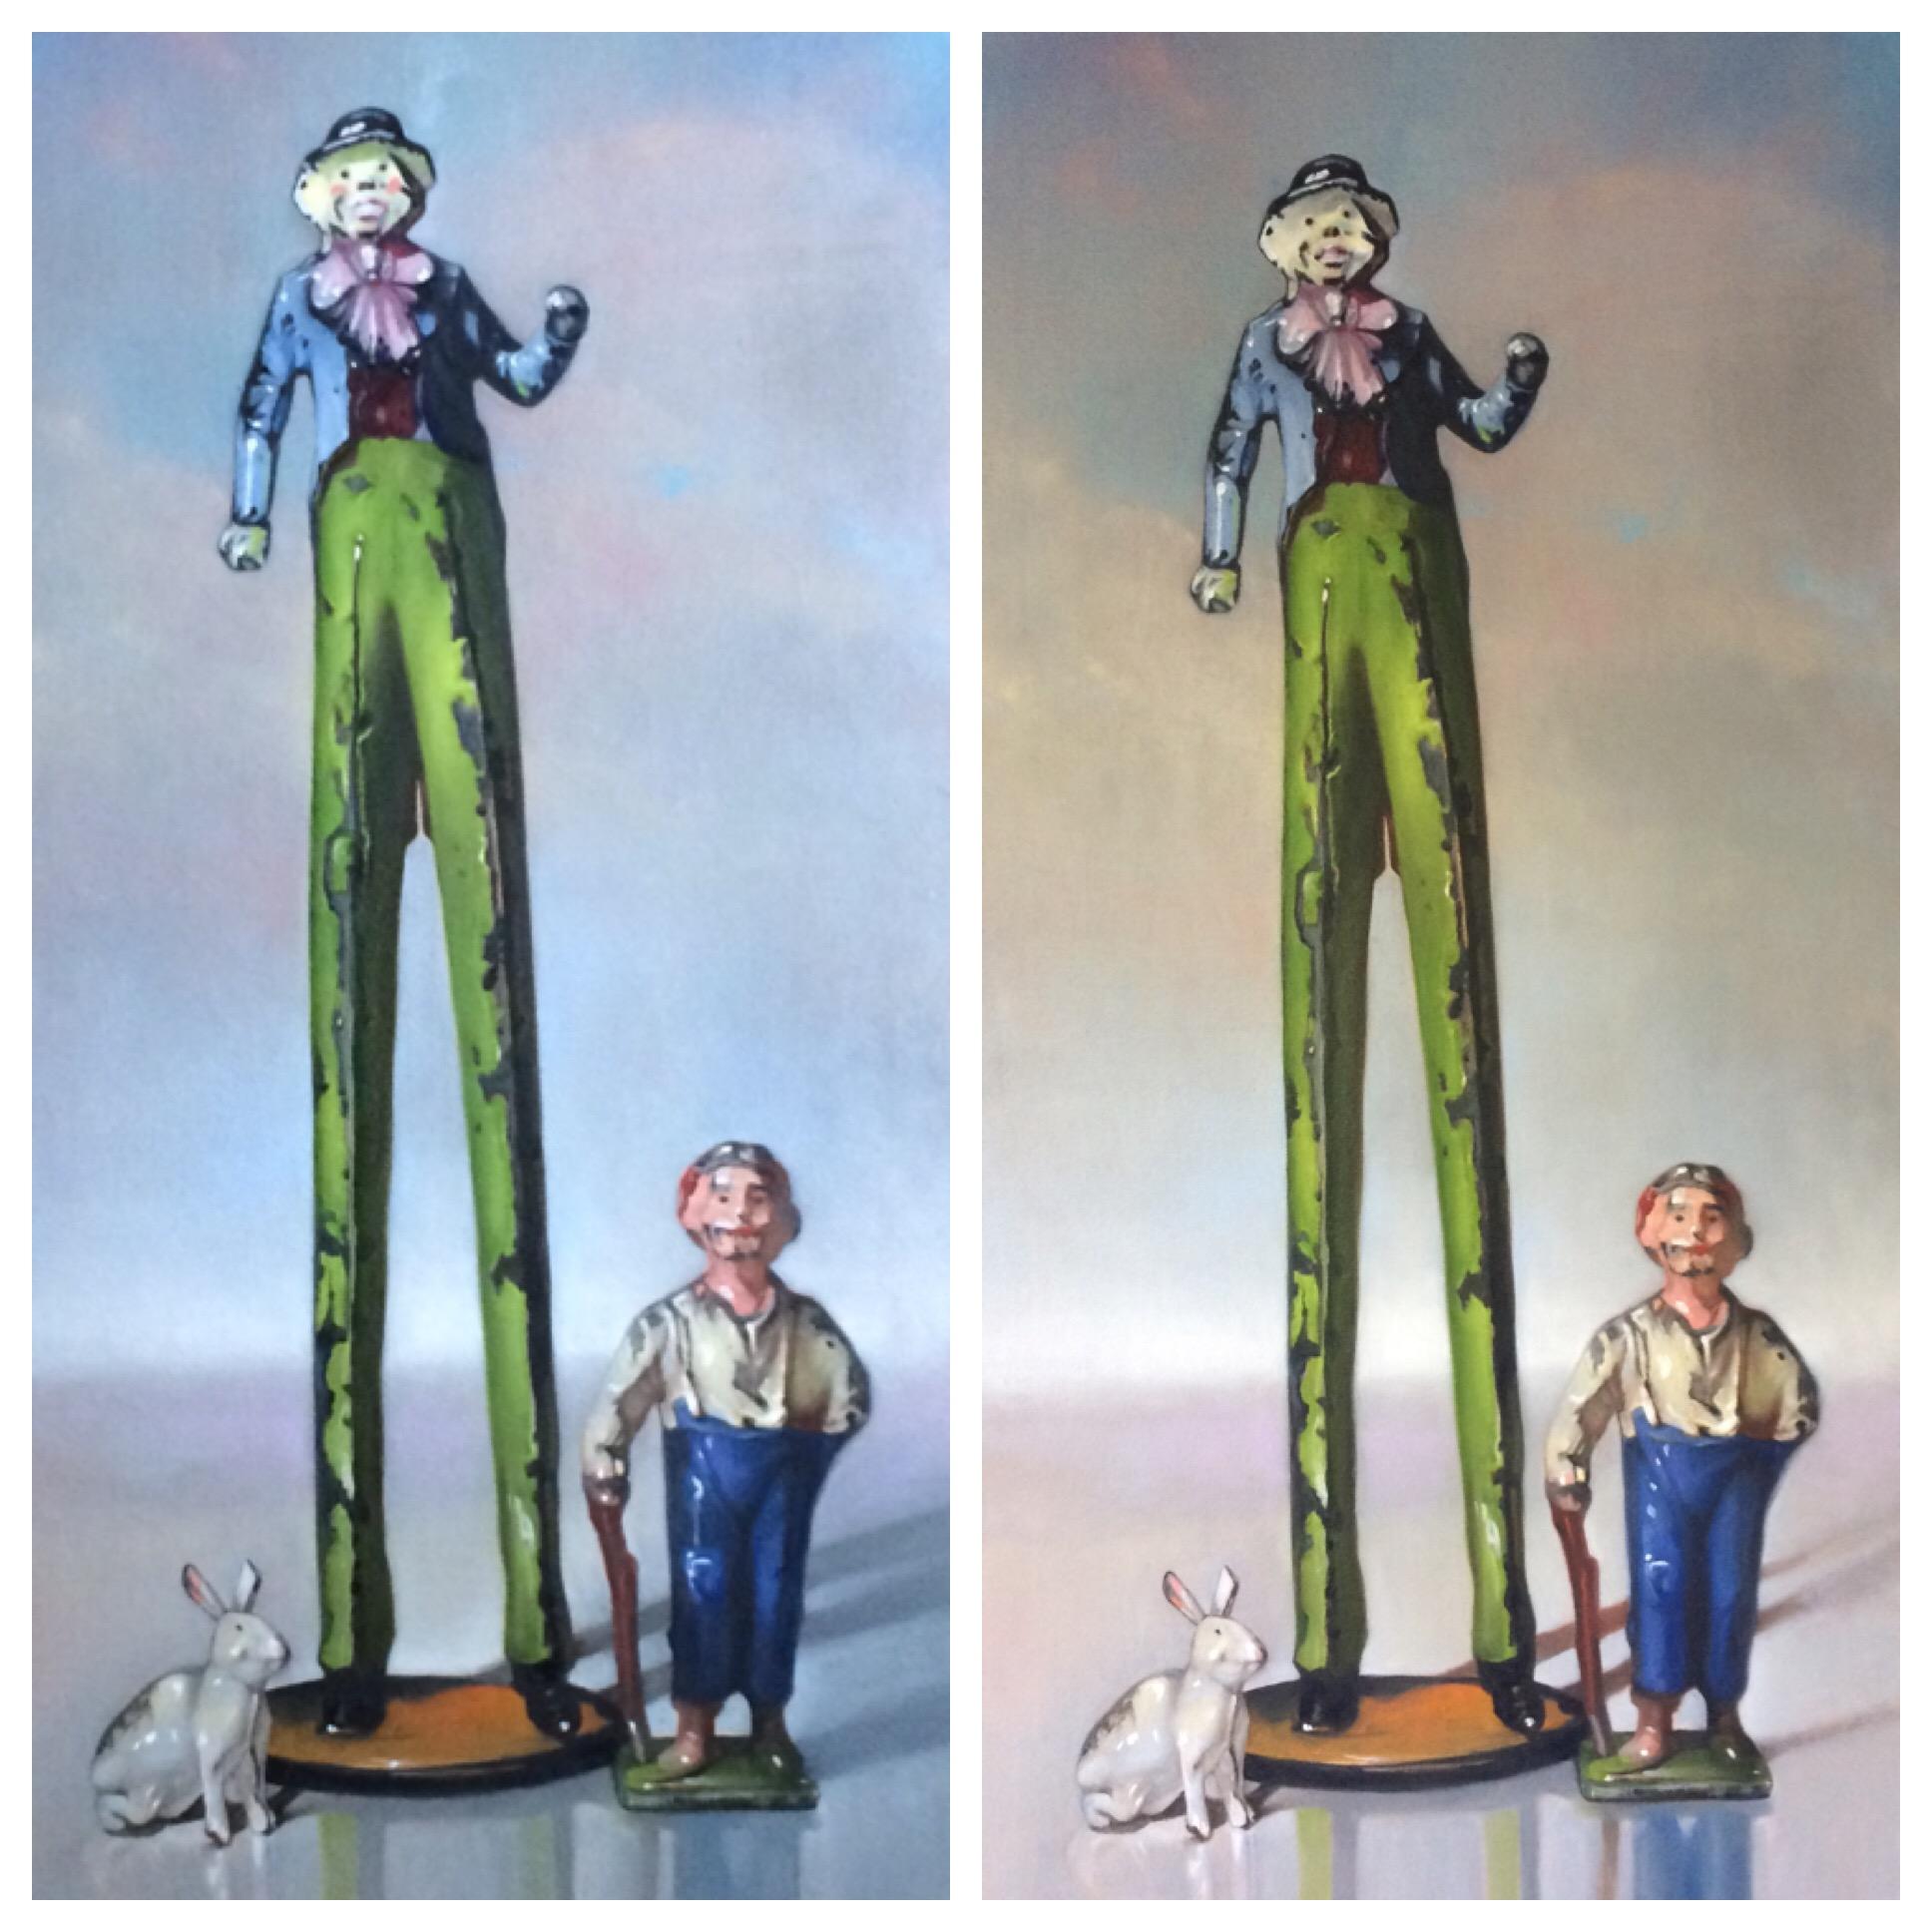 Tall Man, Short Man, Rabbit